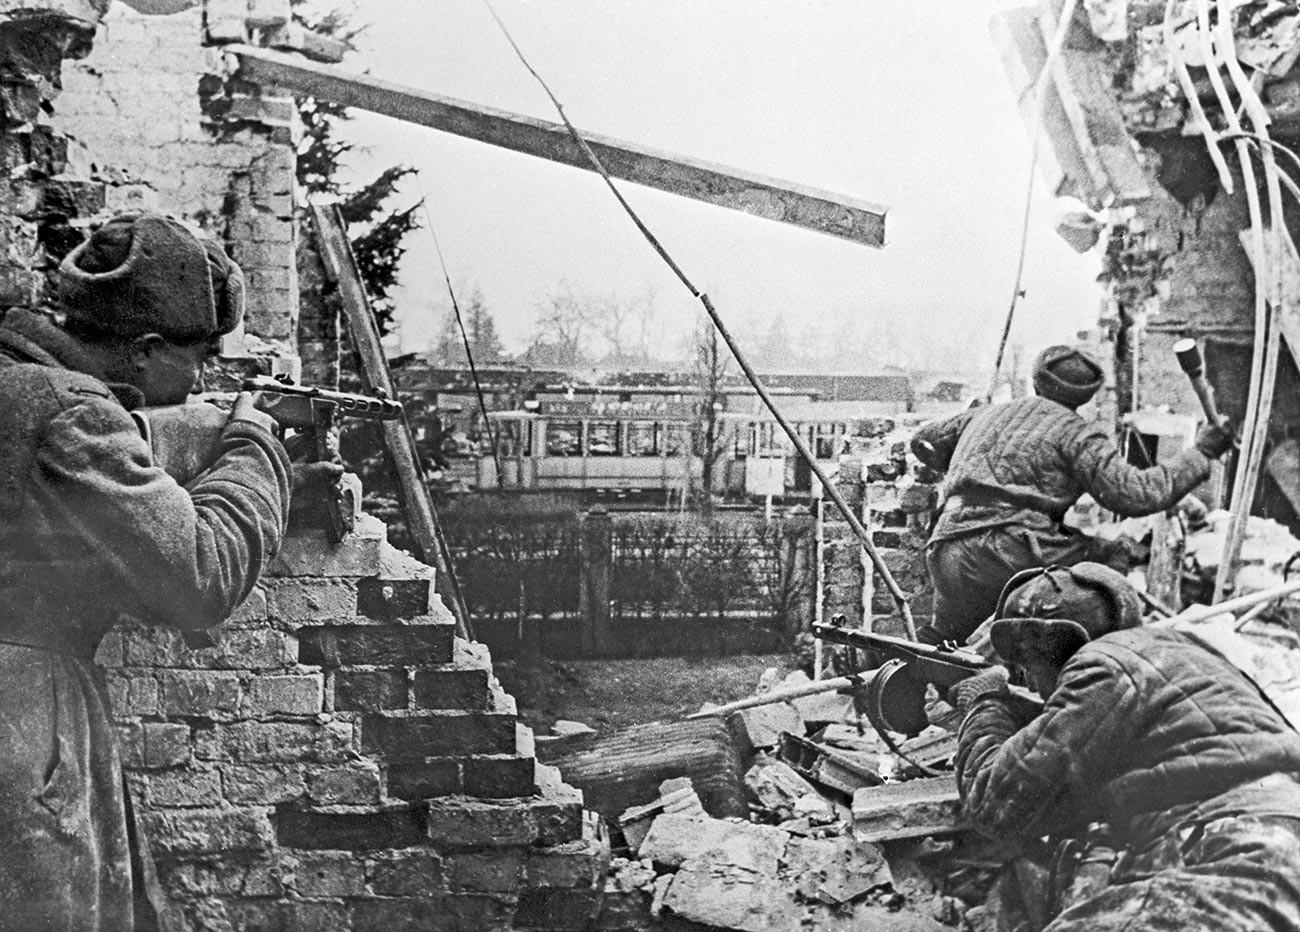 Втора светска војна 1939-1945 година, Будимпештанска офанзива на советската војска. Војниците на Третиот украински фронт со автомати во улични борби за ослободување на Будимпешта.